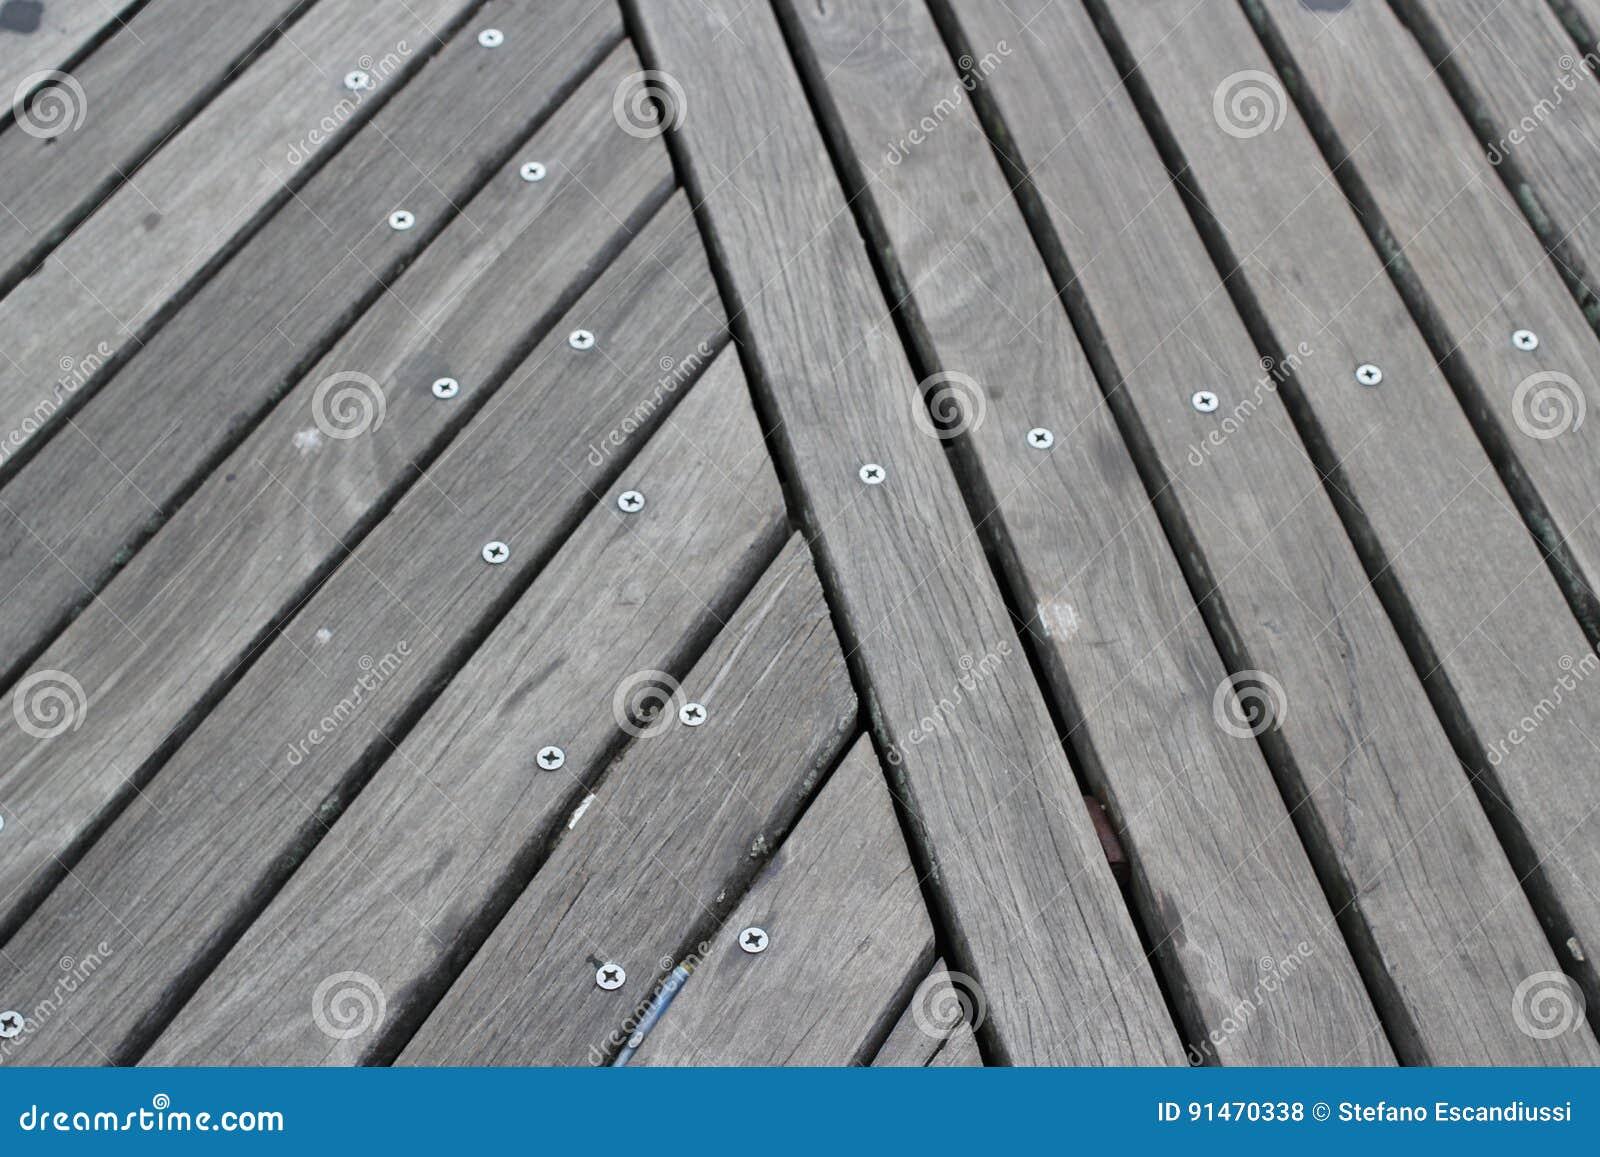 Ξύλινο πάτωμα στο θαλάσσιο περίπατο